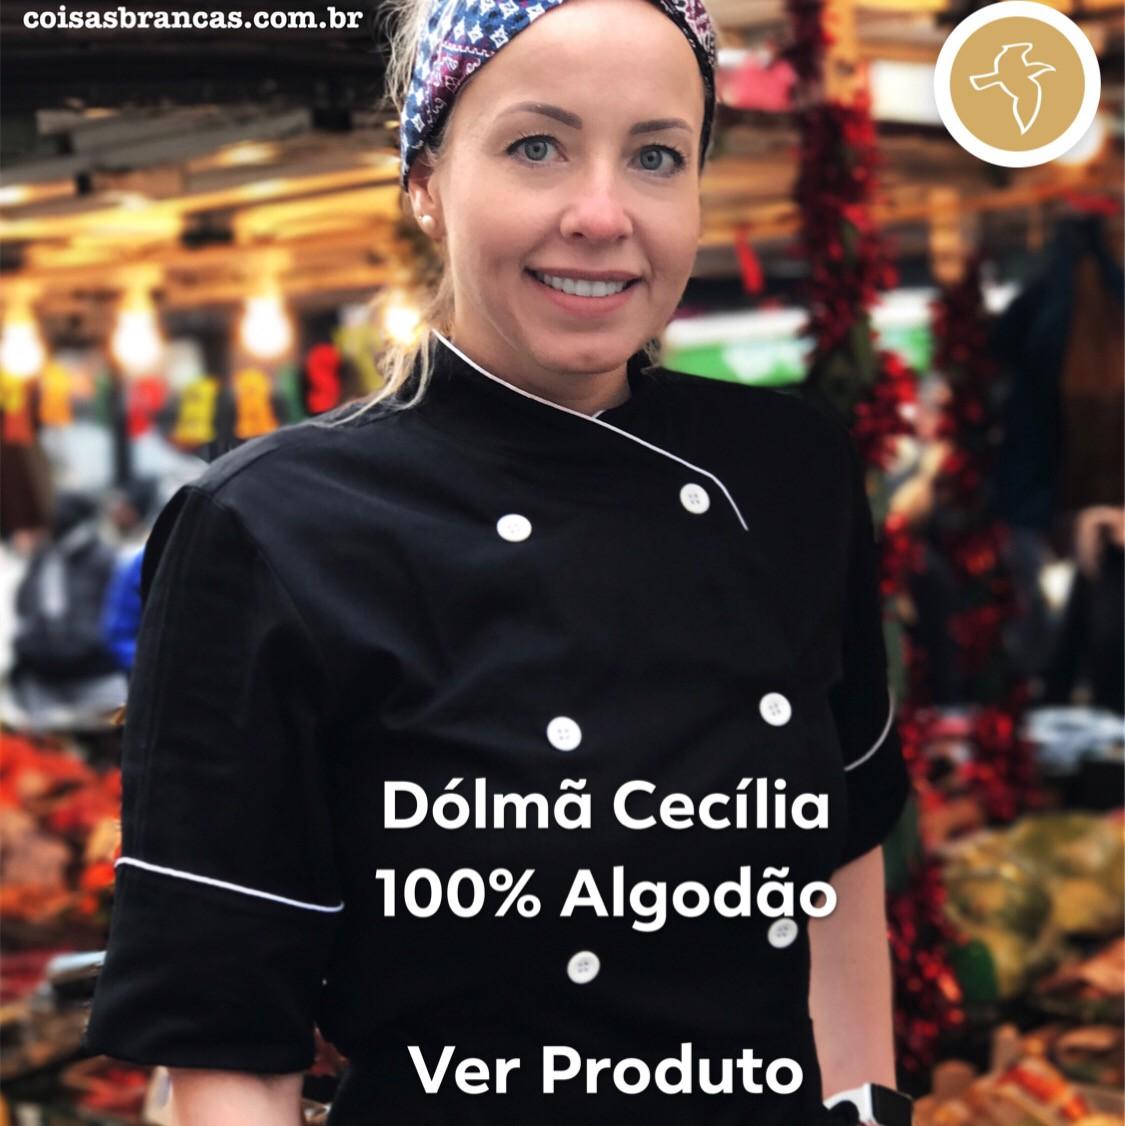 Dólmã Cecilia Feminino Acinturado PRETA SKULL HAT BRANCO e CINZA com vivo e botões BRANCOS 100% algodão manga 3/4